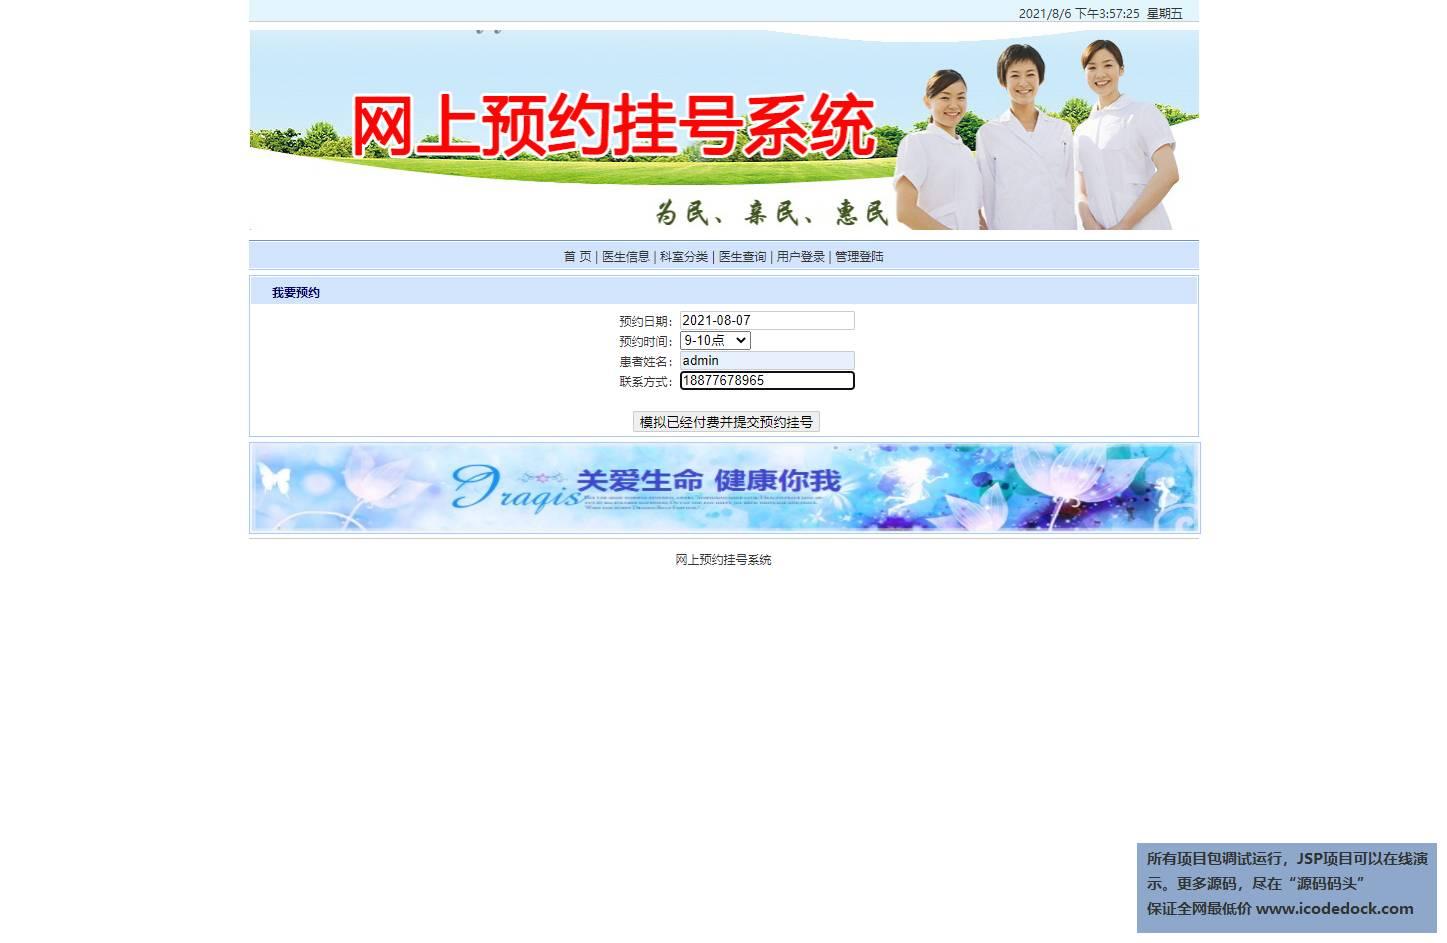 源码码头-JSP医院在线挂号管理系统-患者角色-预约医生